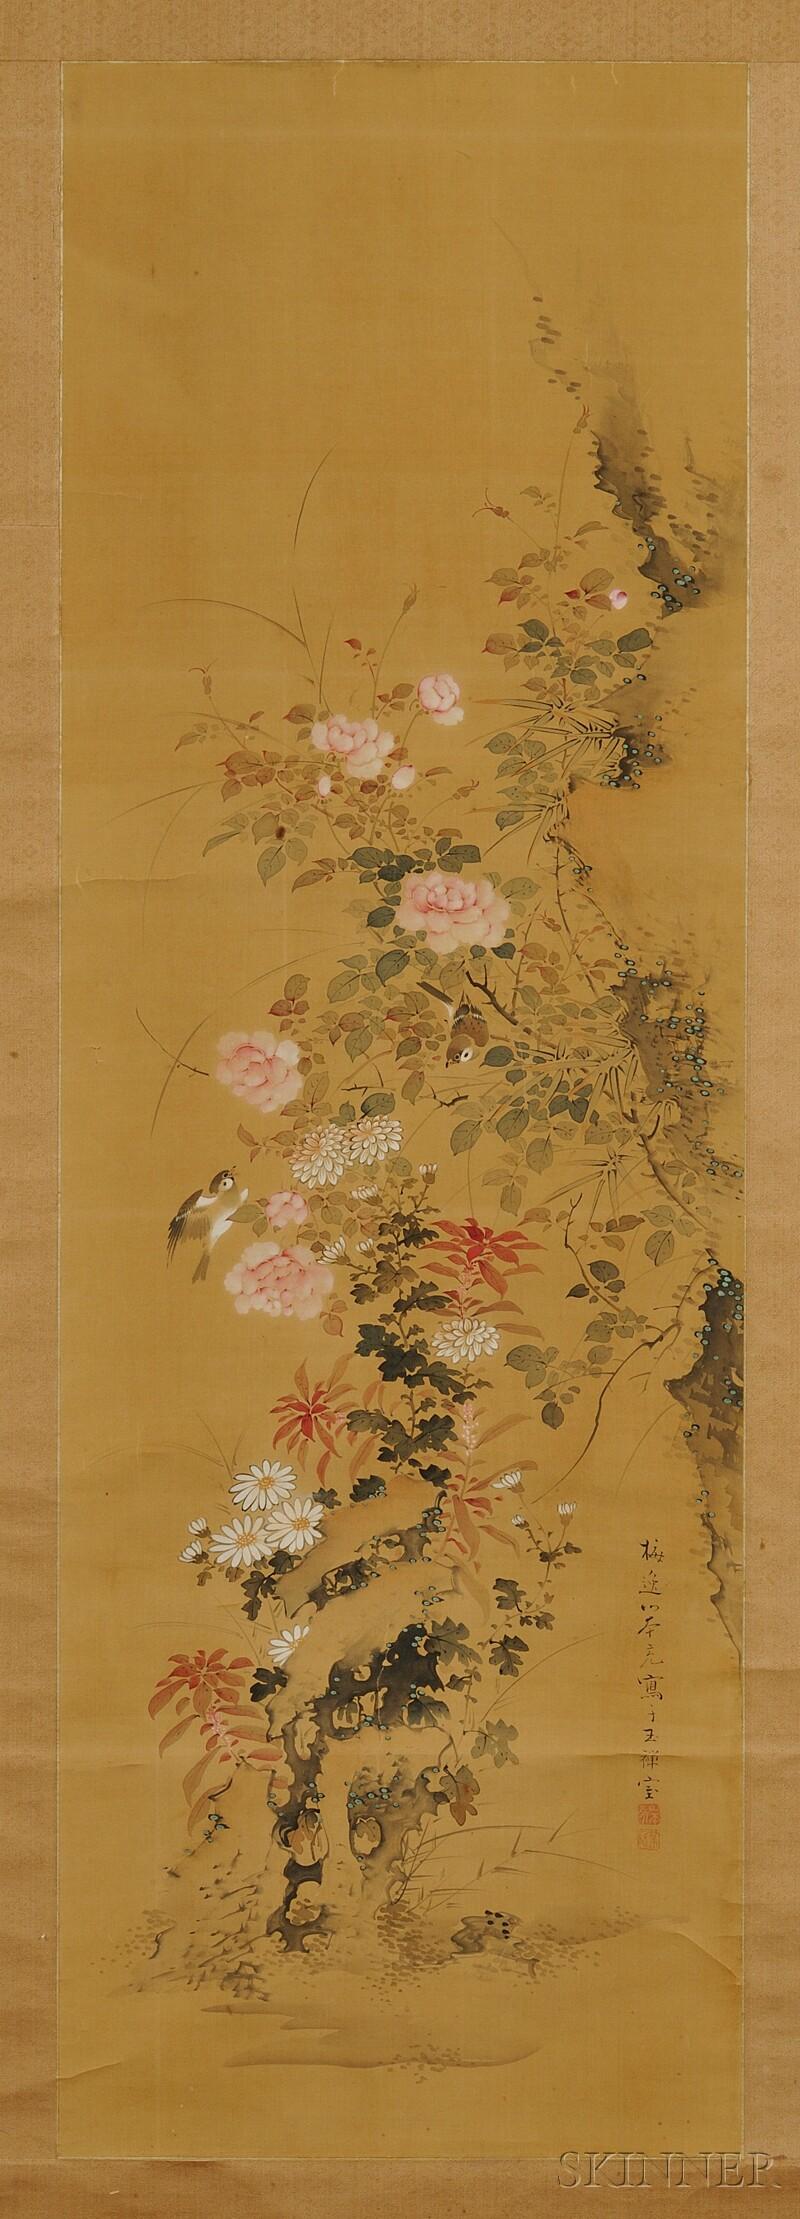 Baiitsu Scroll